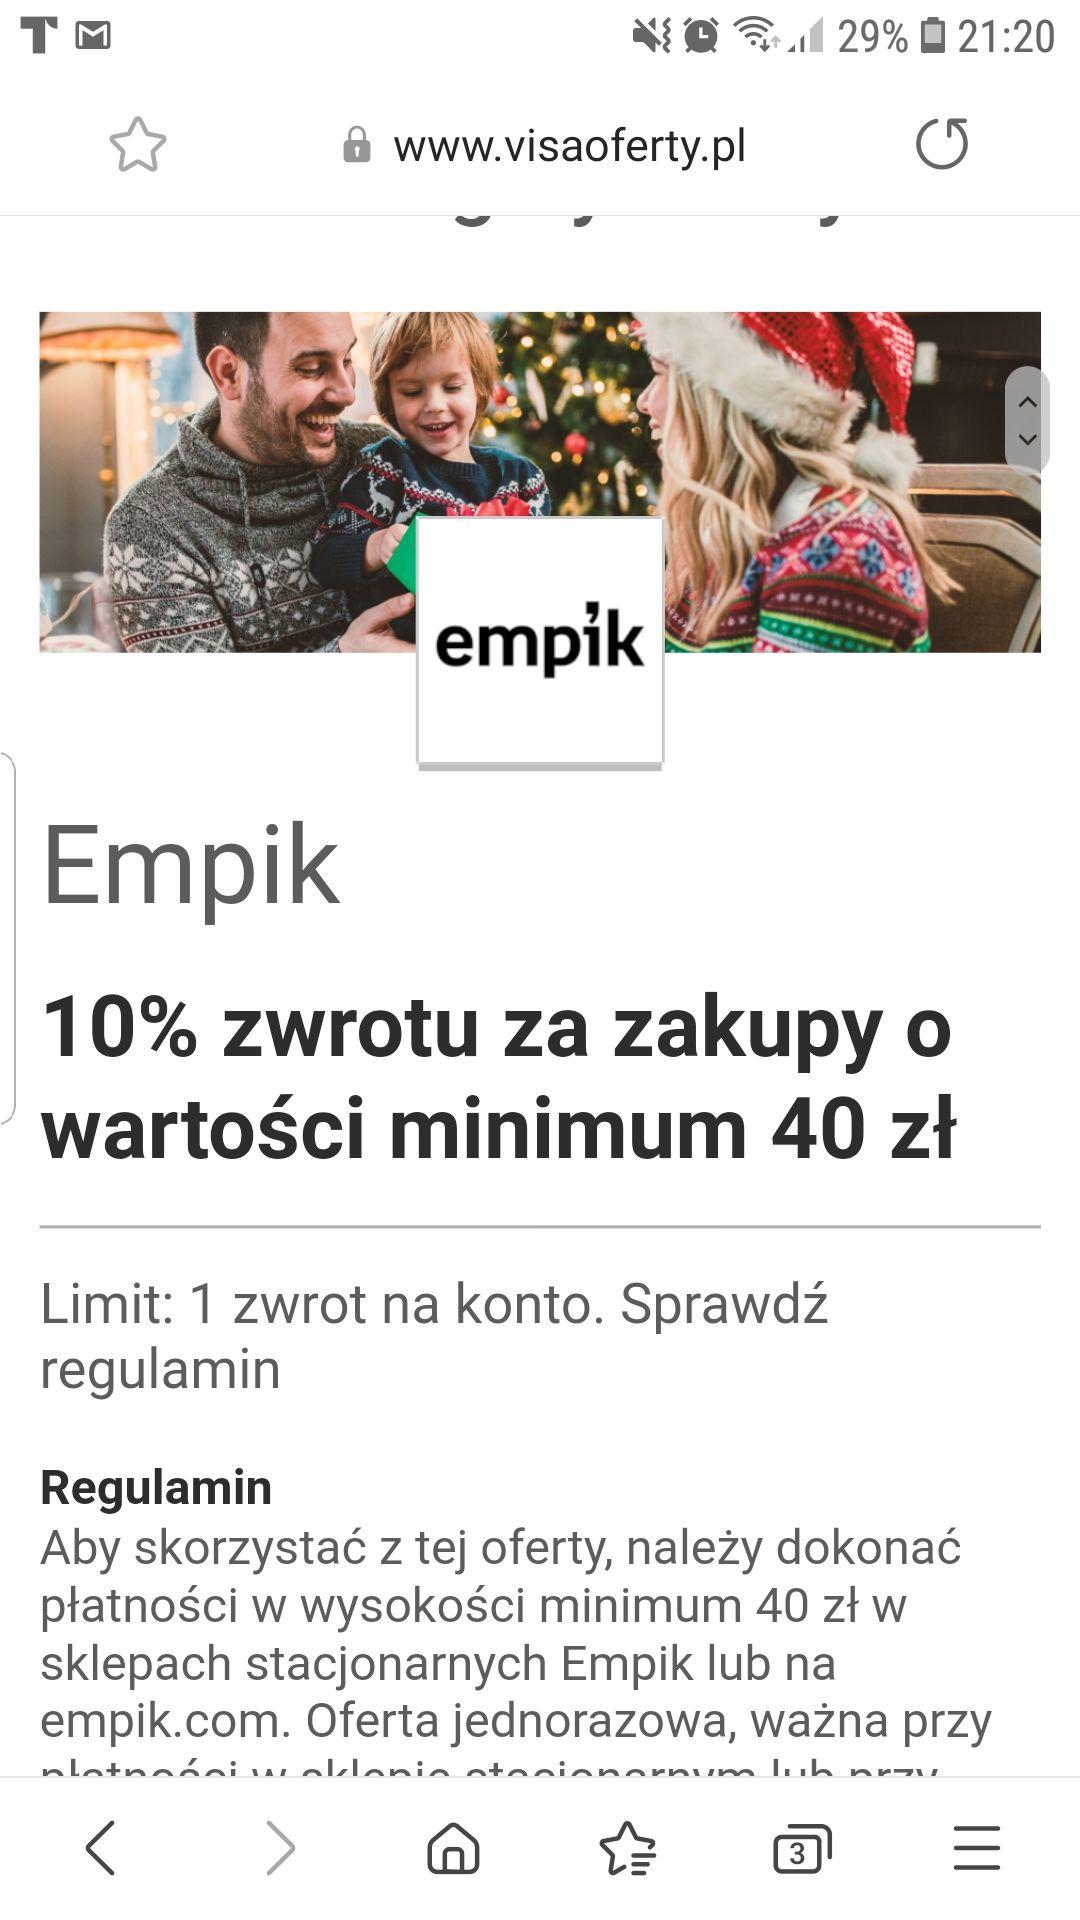 Visa 10% zwrotu za zakupy w EMPIK o wartości minimum 40 zł